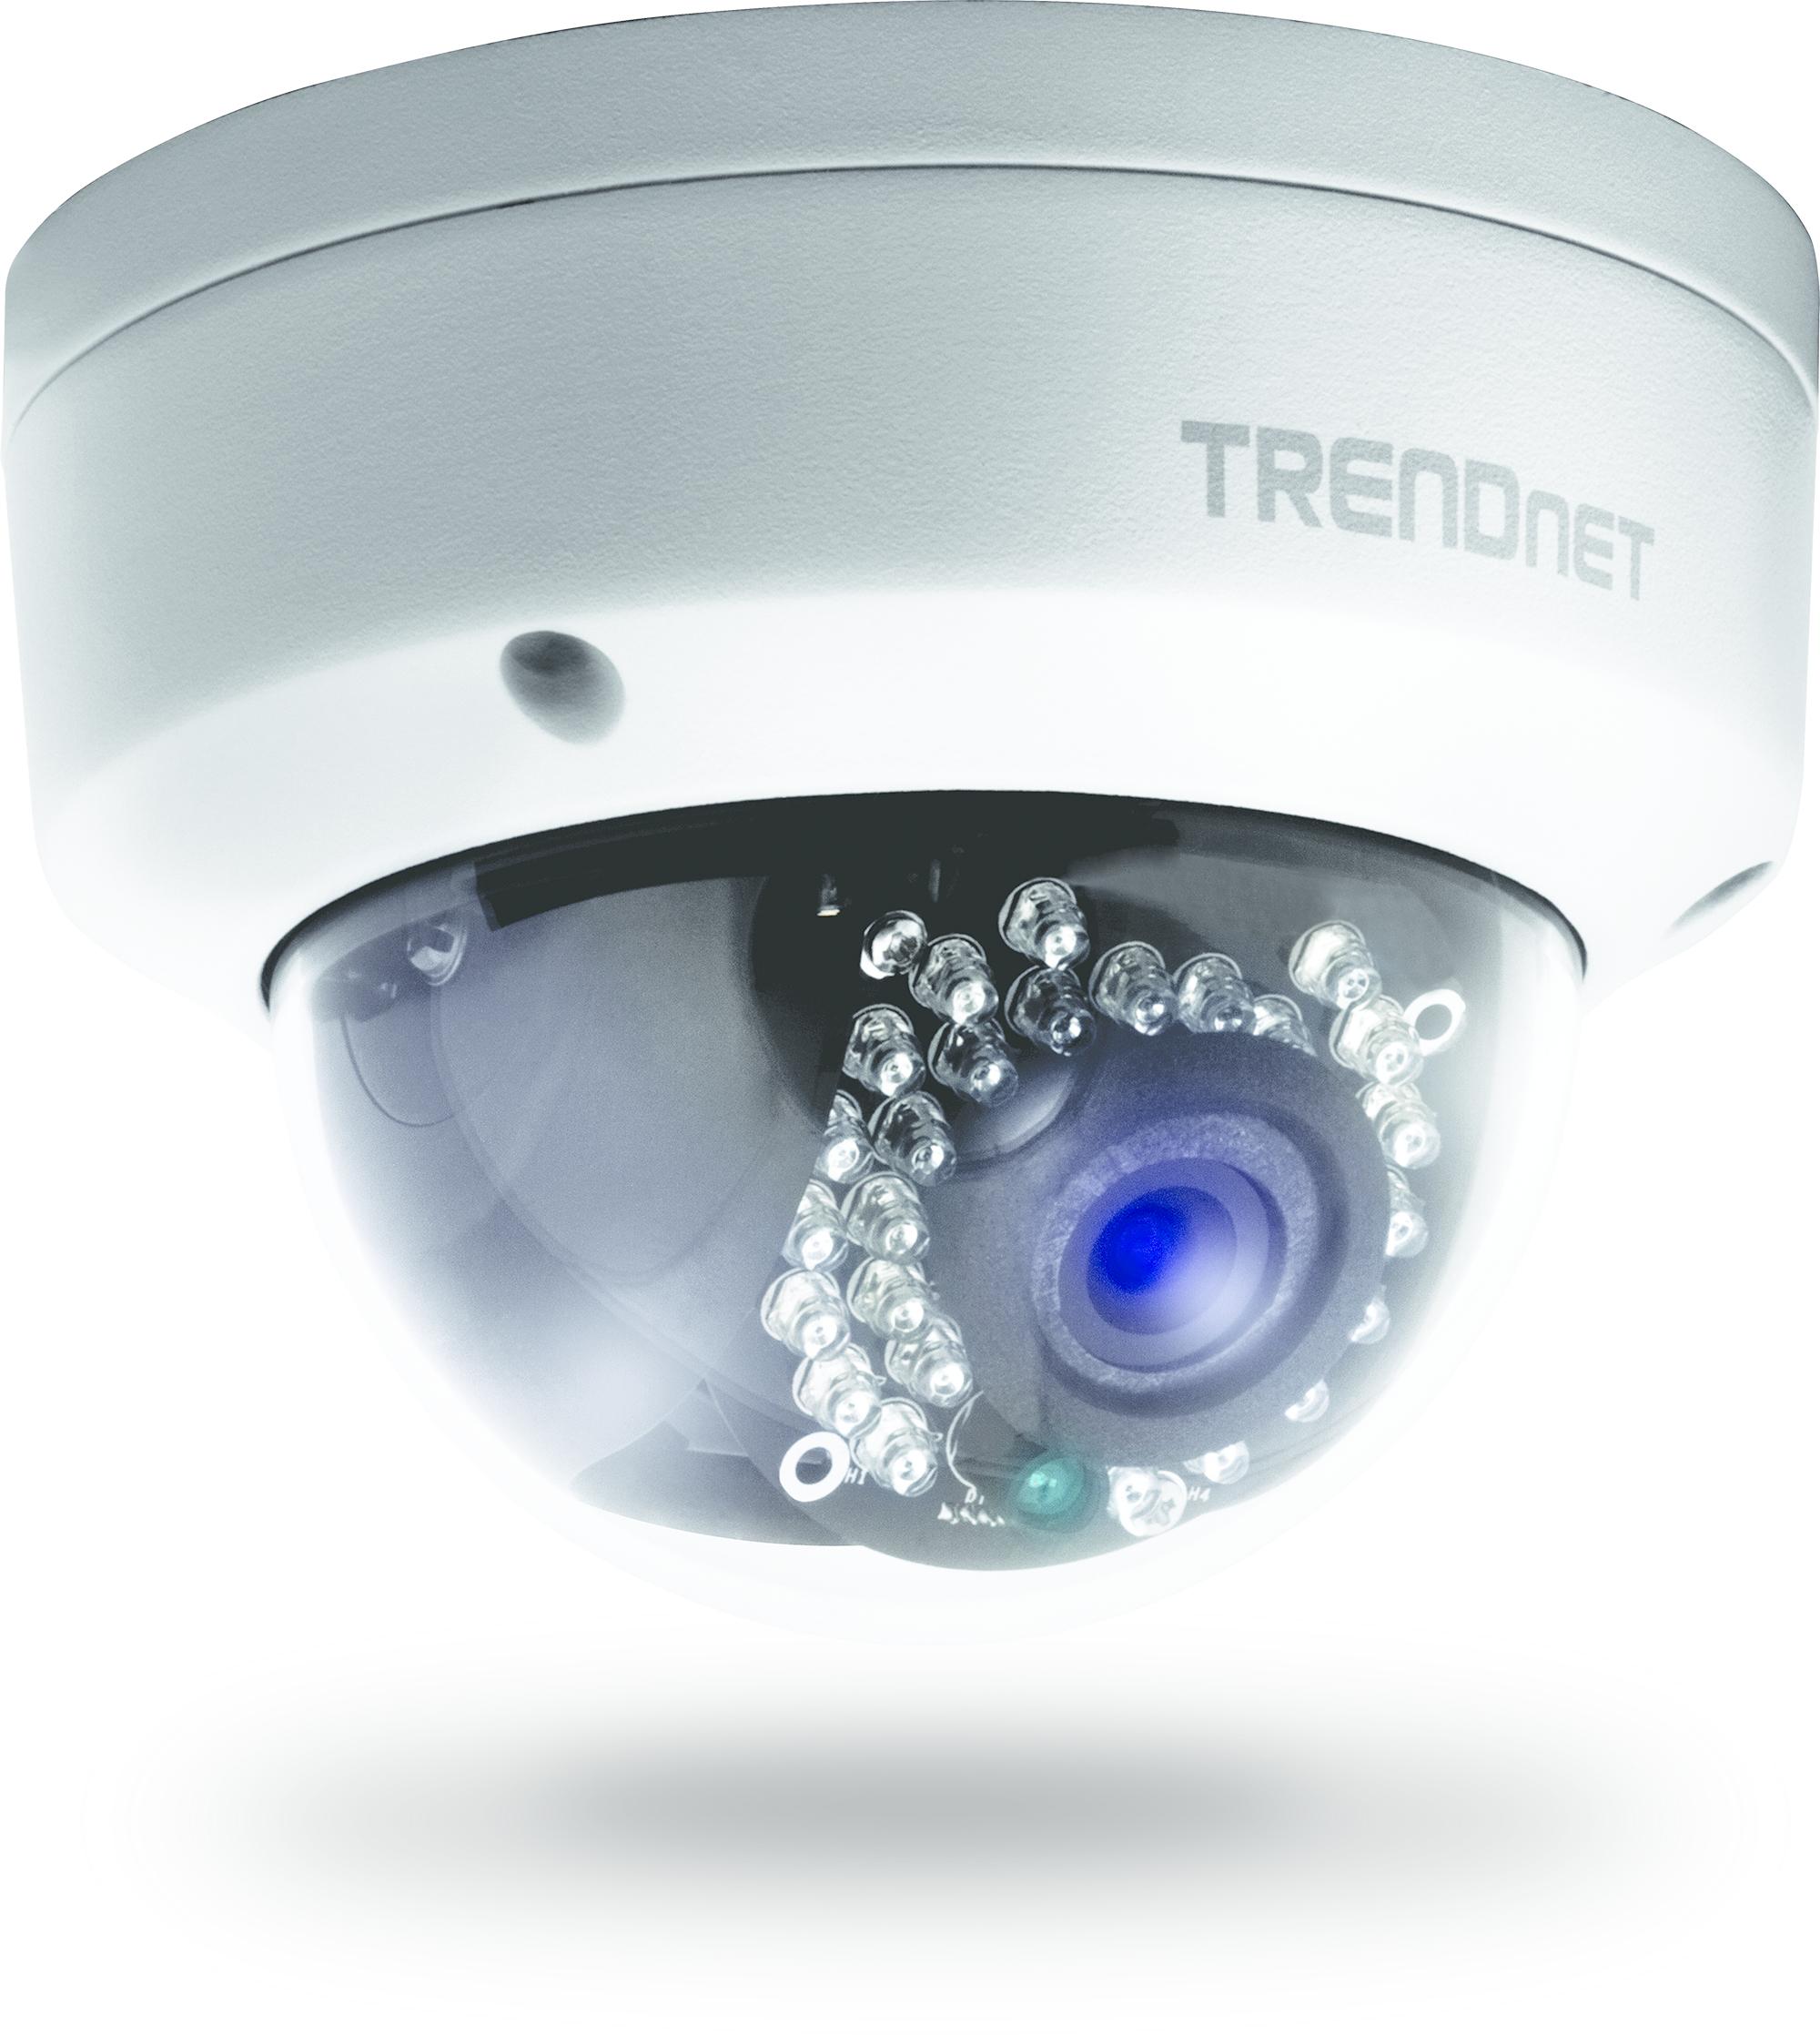 Trendnet TV-IP321PI surveillance camera